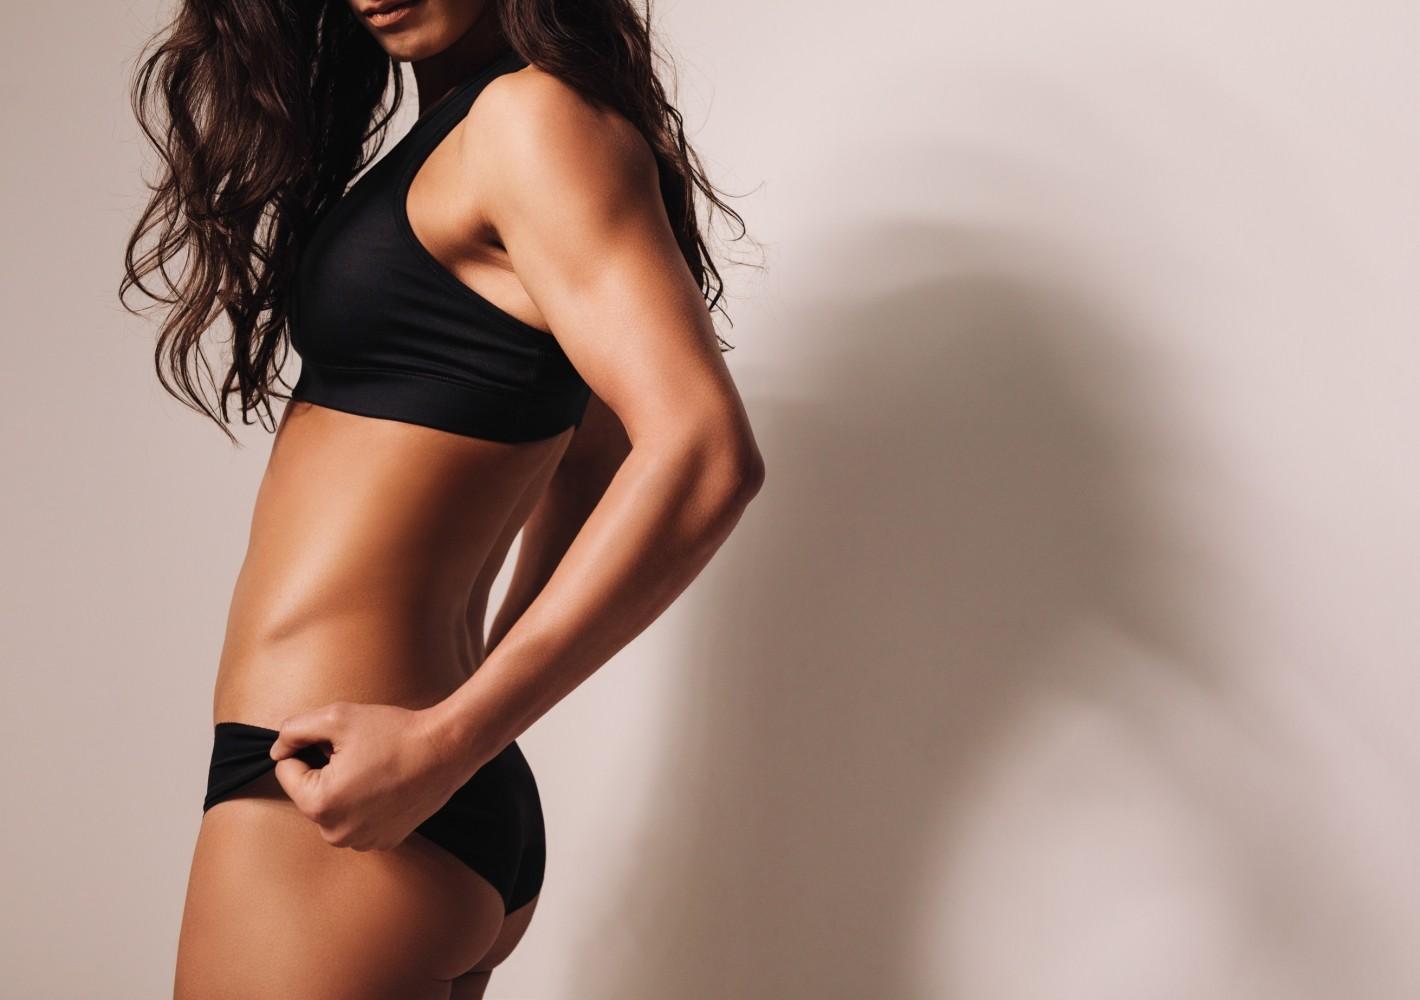 Polta maksimaalisesti rasvaa ja kehitä voimaa!